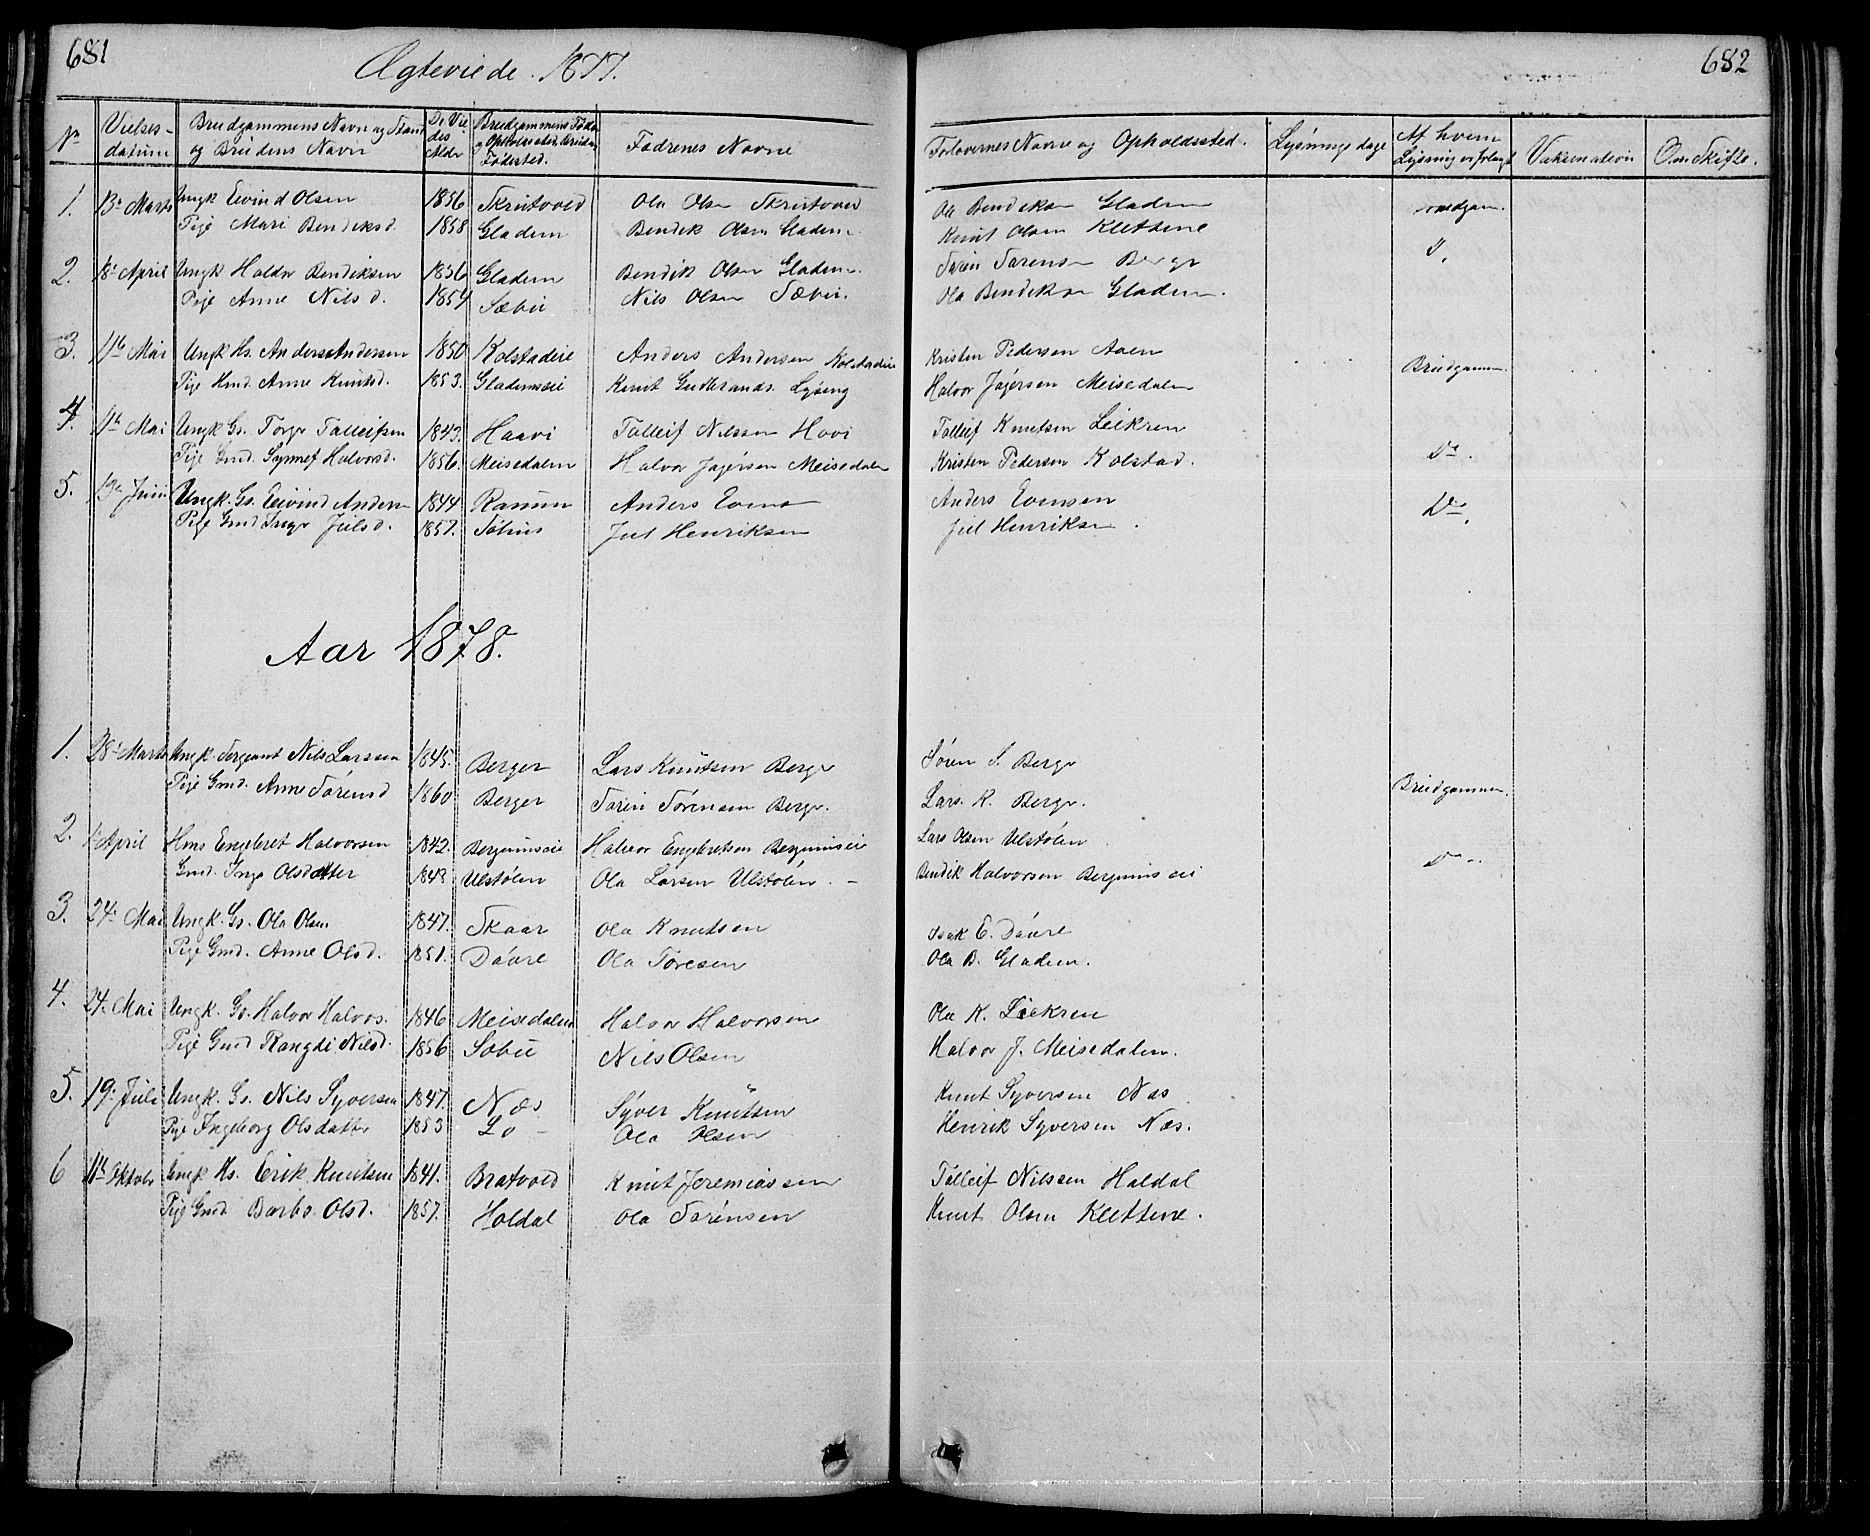 SAH, Nord-Aurdal prestekontor, Klokkerbok nr. 1, 1834-1887, s. 681-682